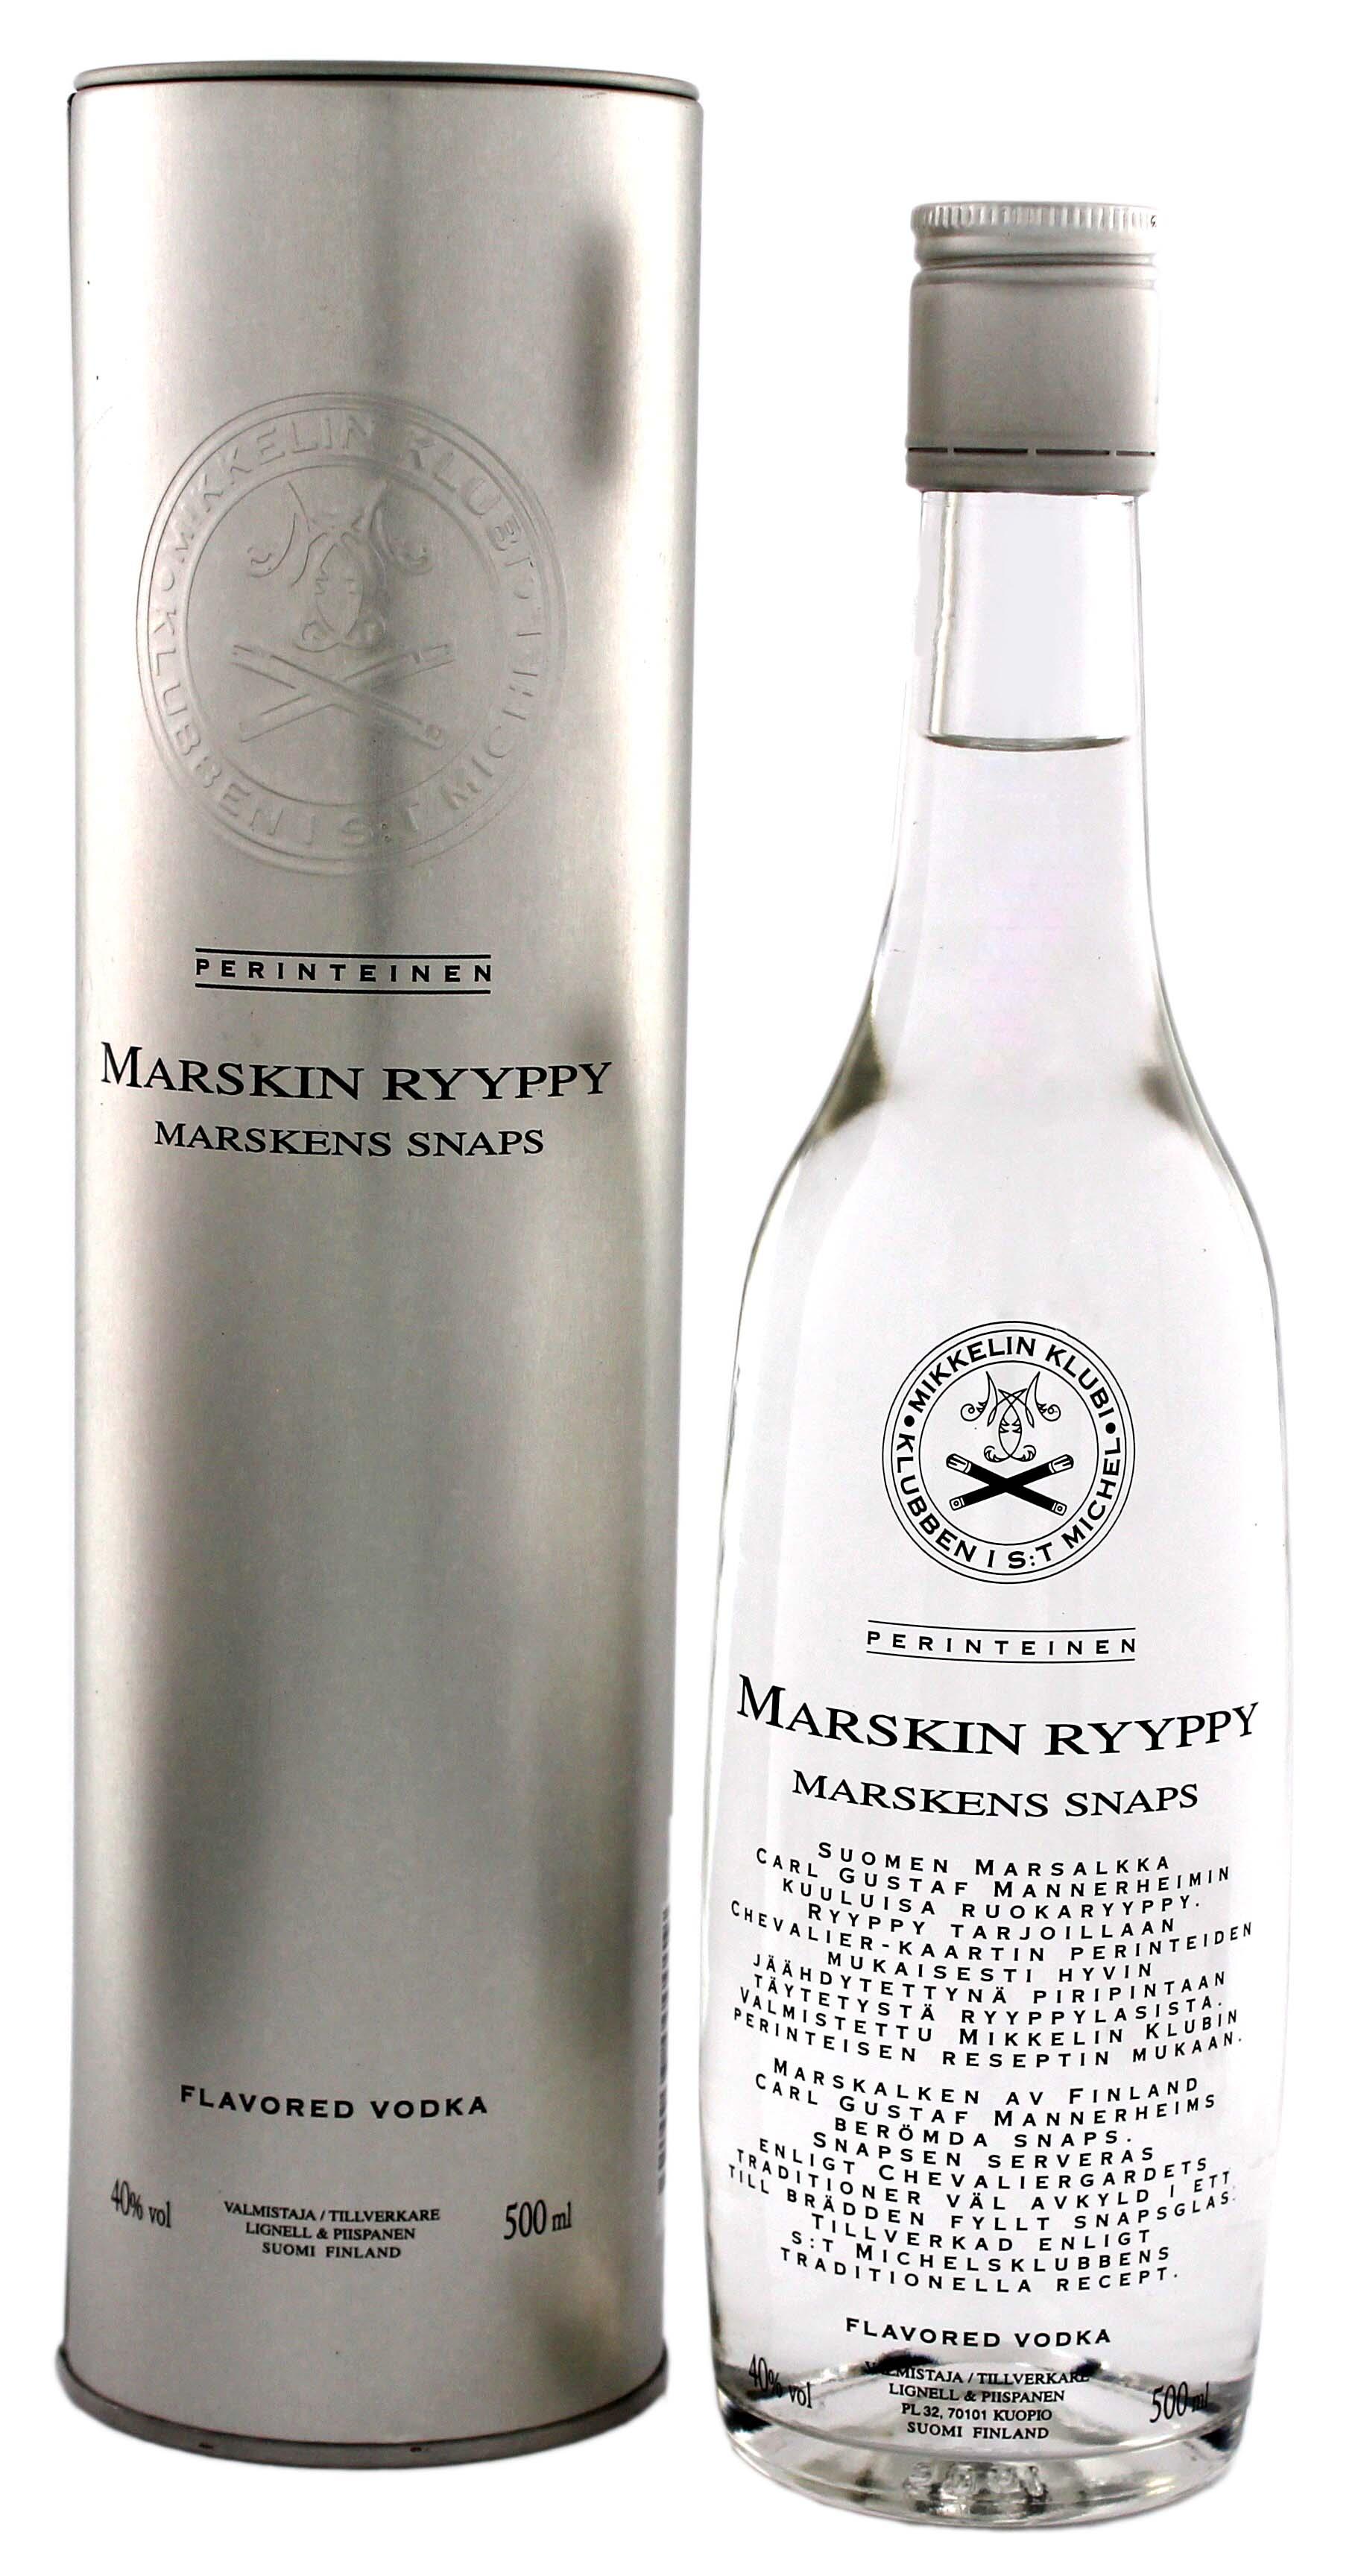 Marskin Ryyppy Flavored Vodka 0,5L